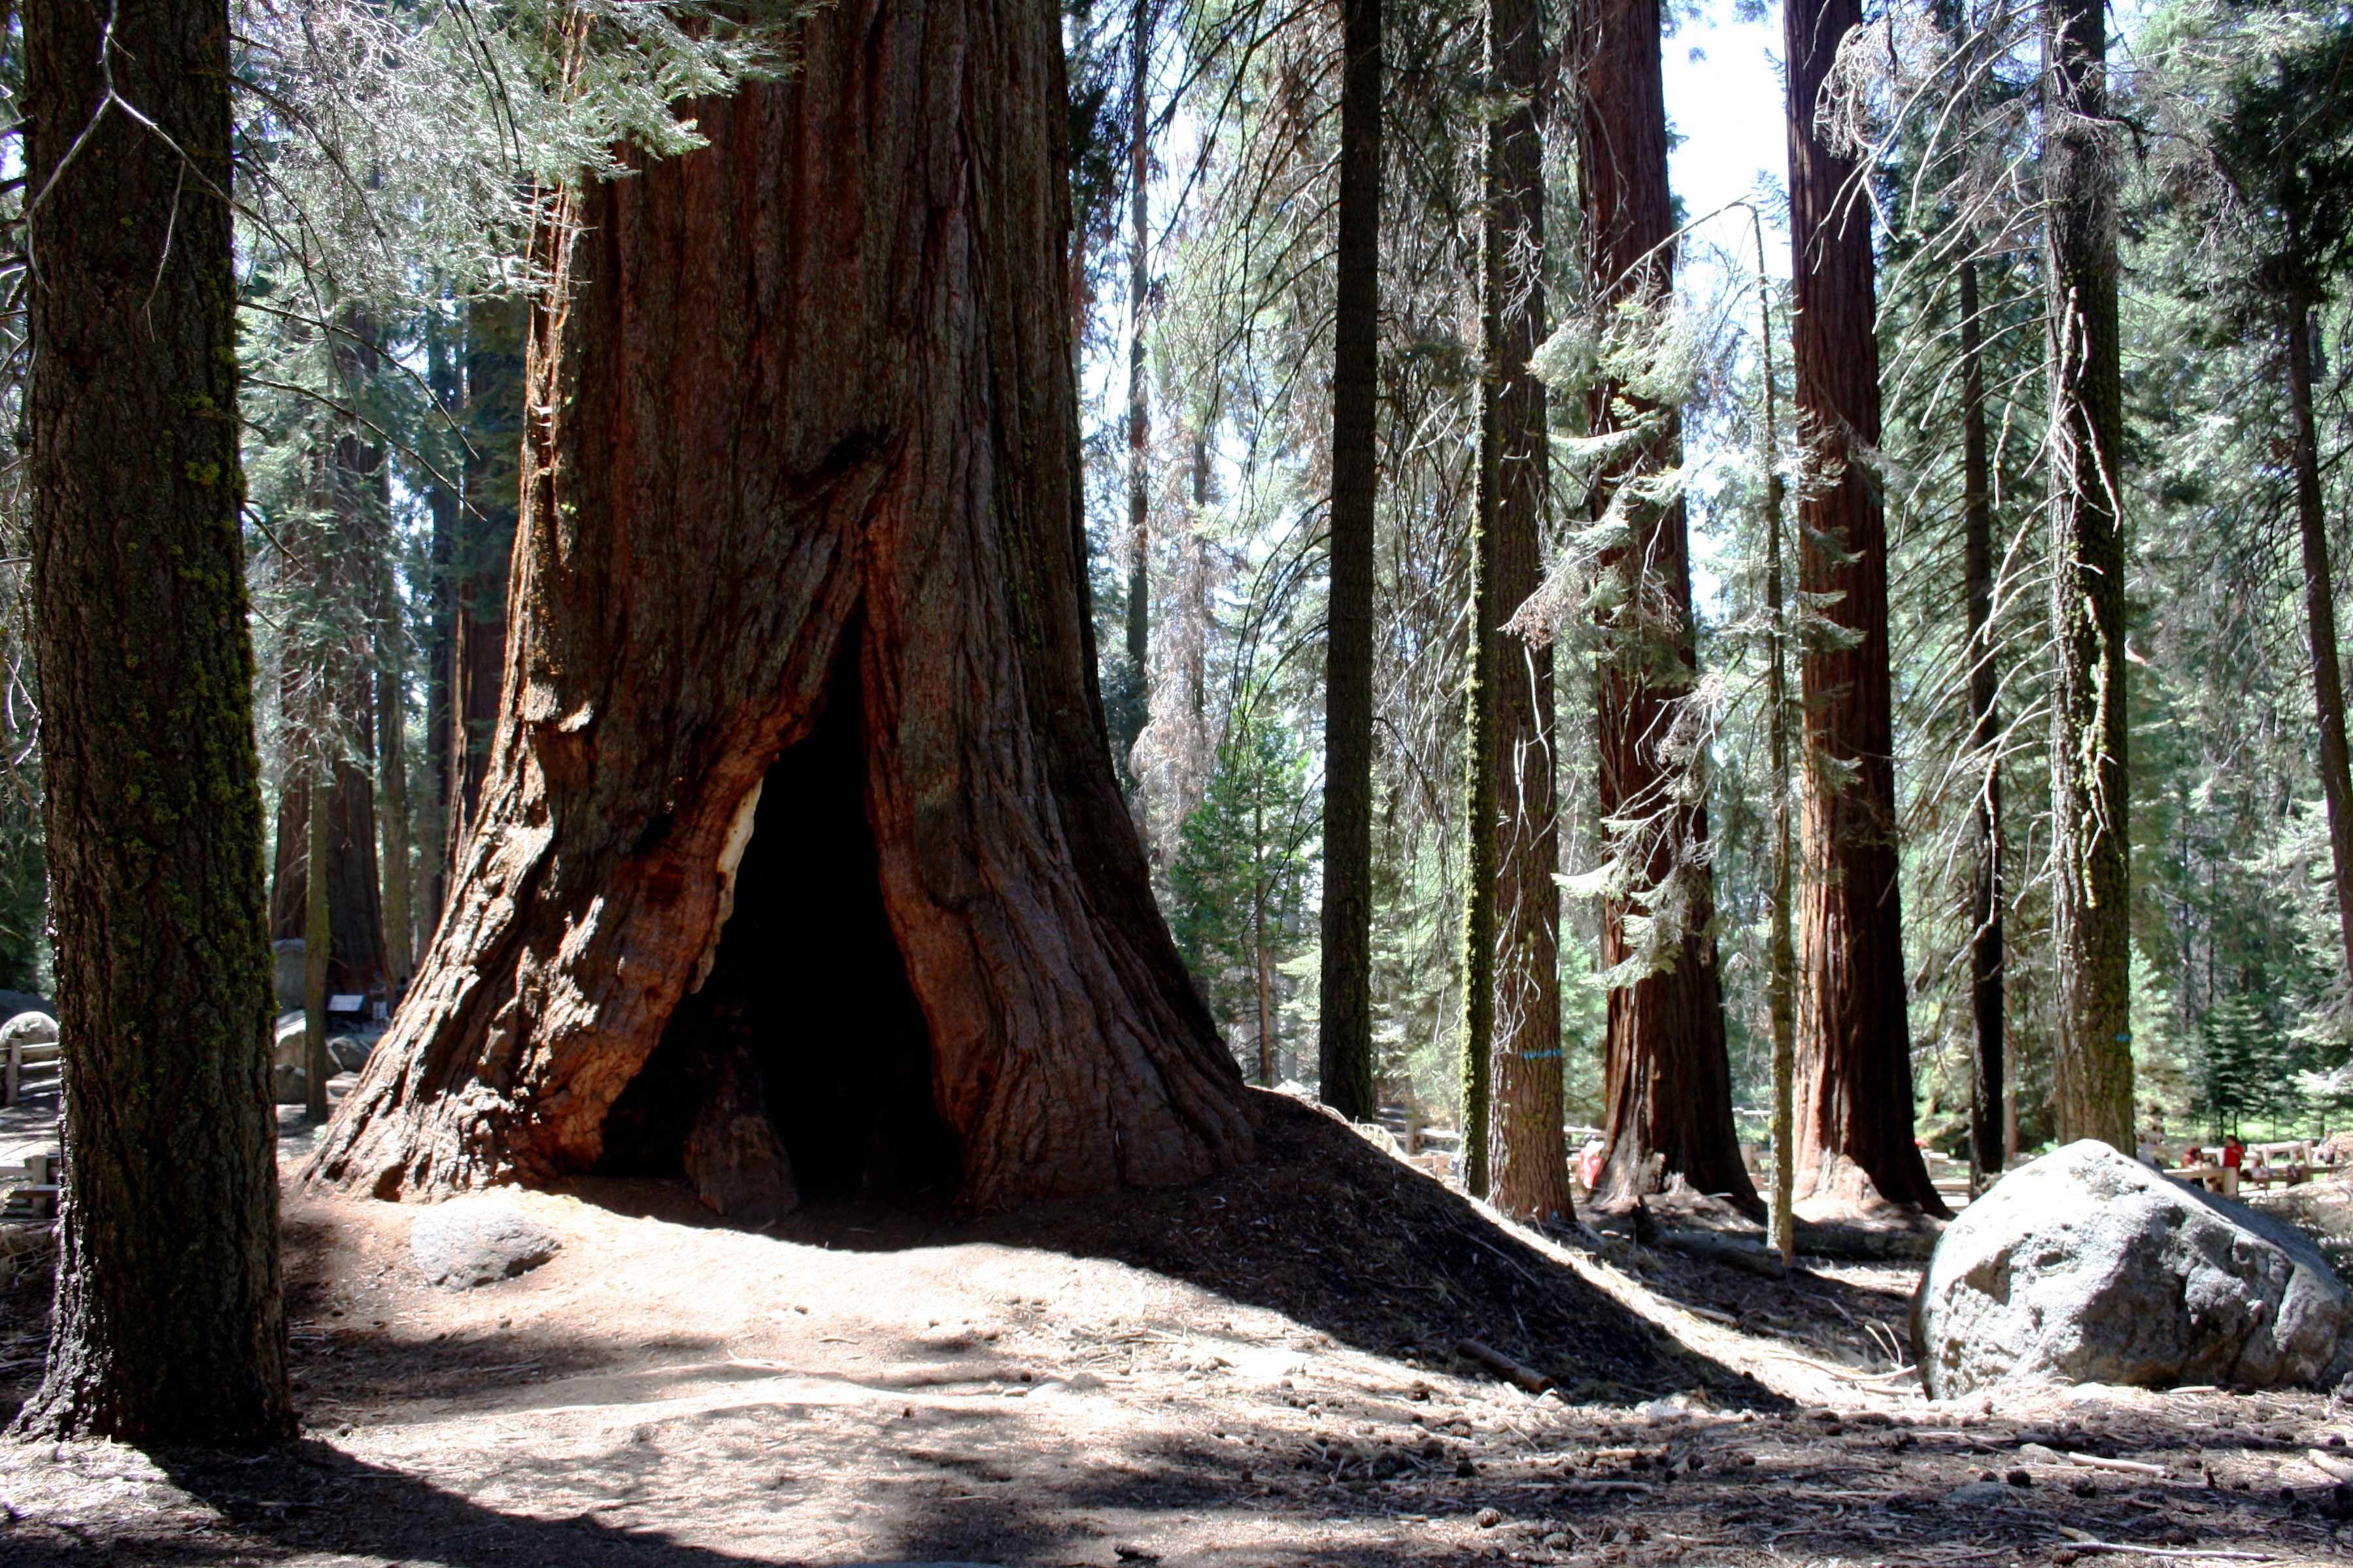 Il sogno americano: Sequoia National Park